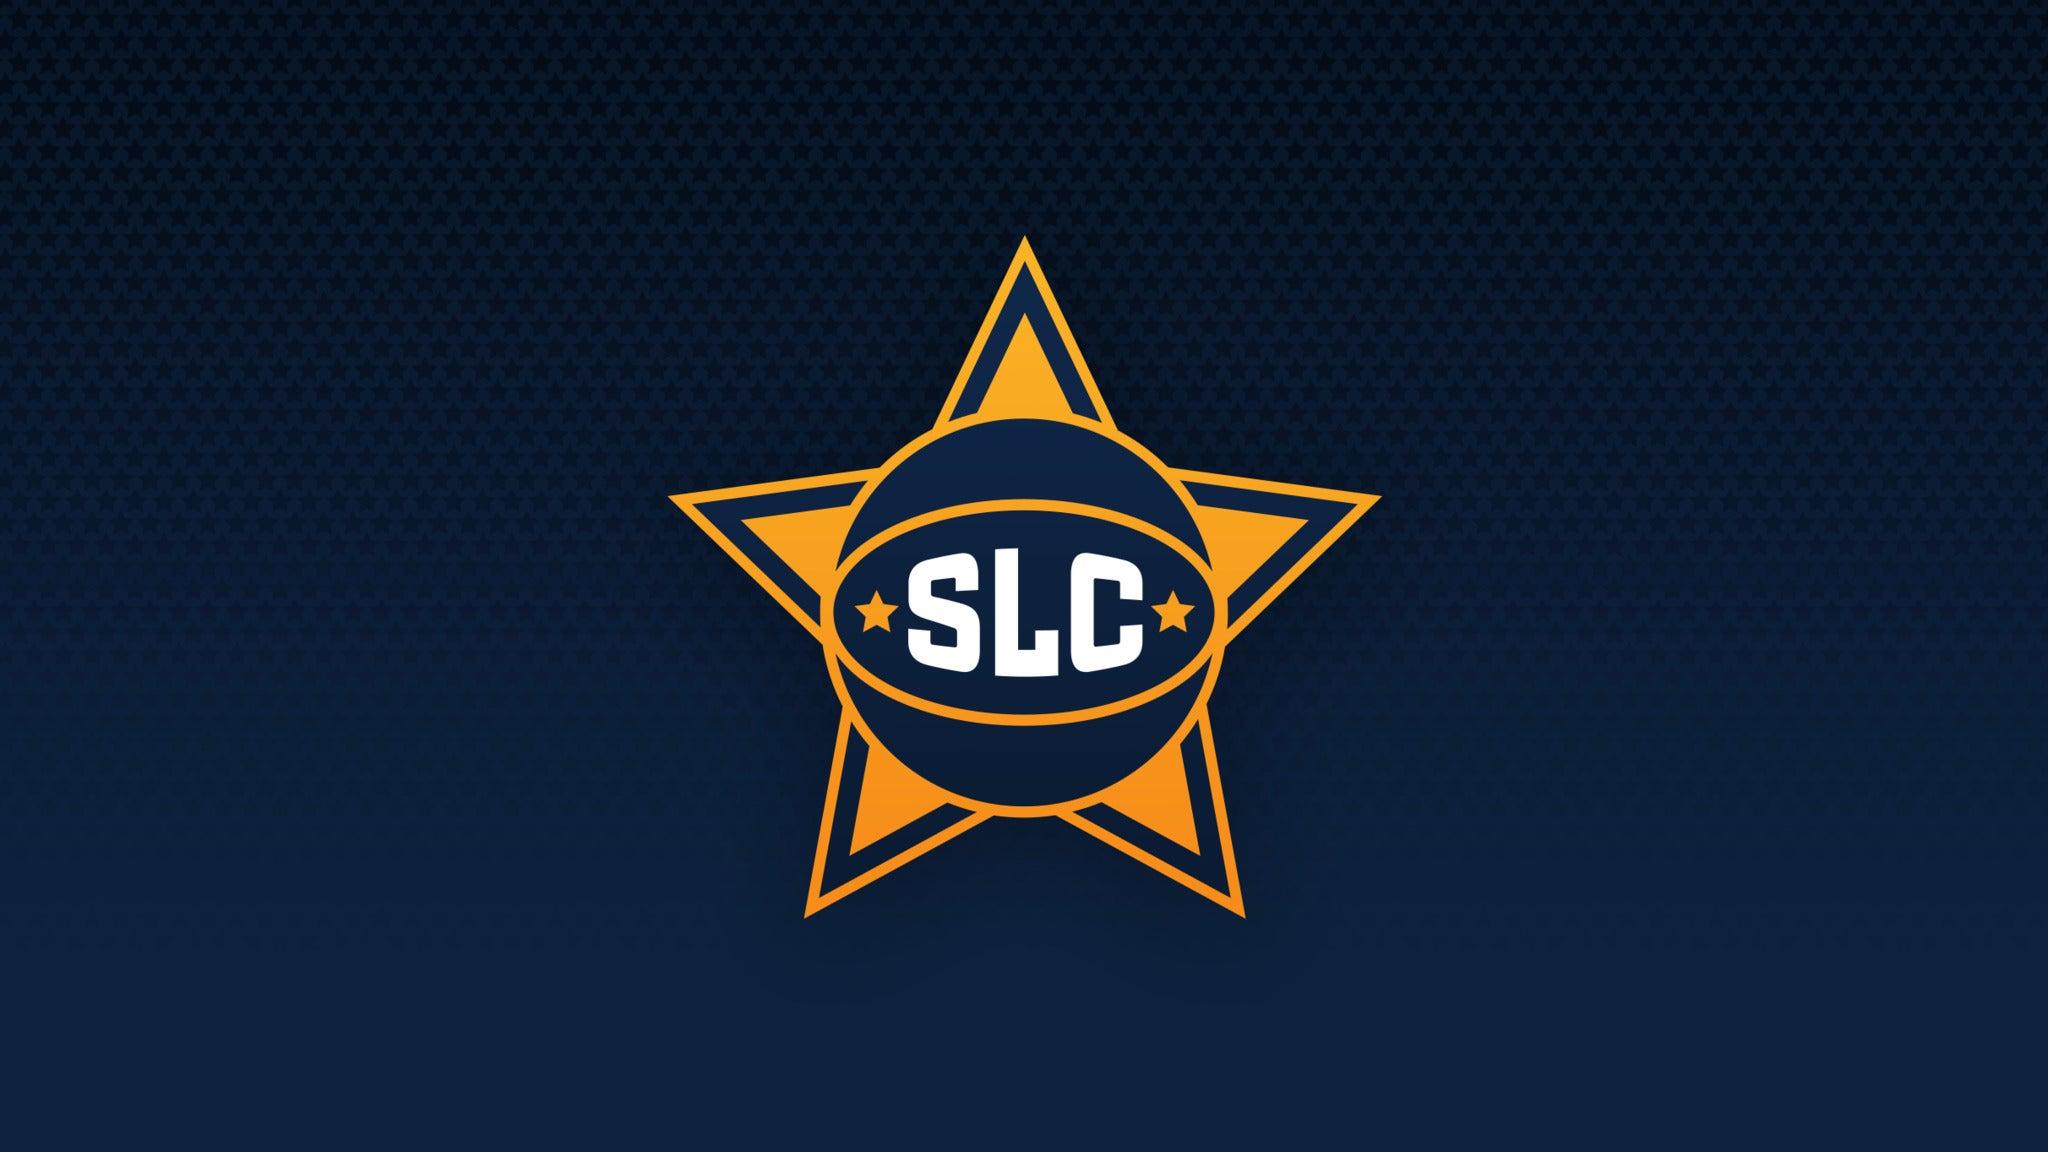 Salt Lake City Stars